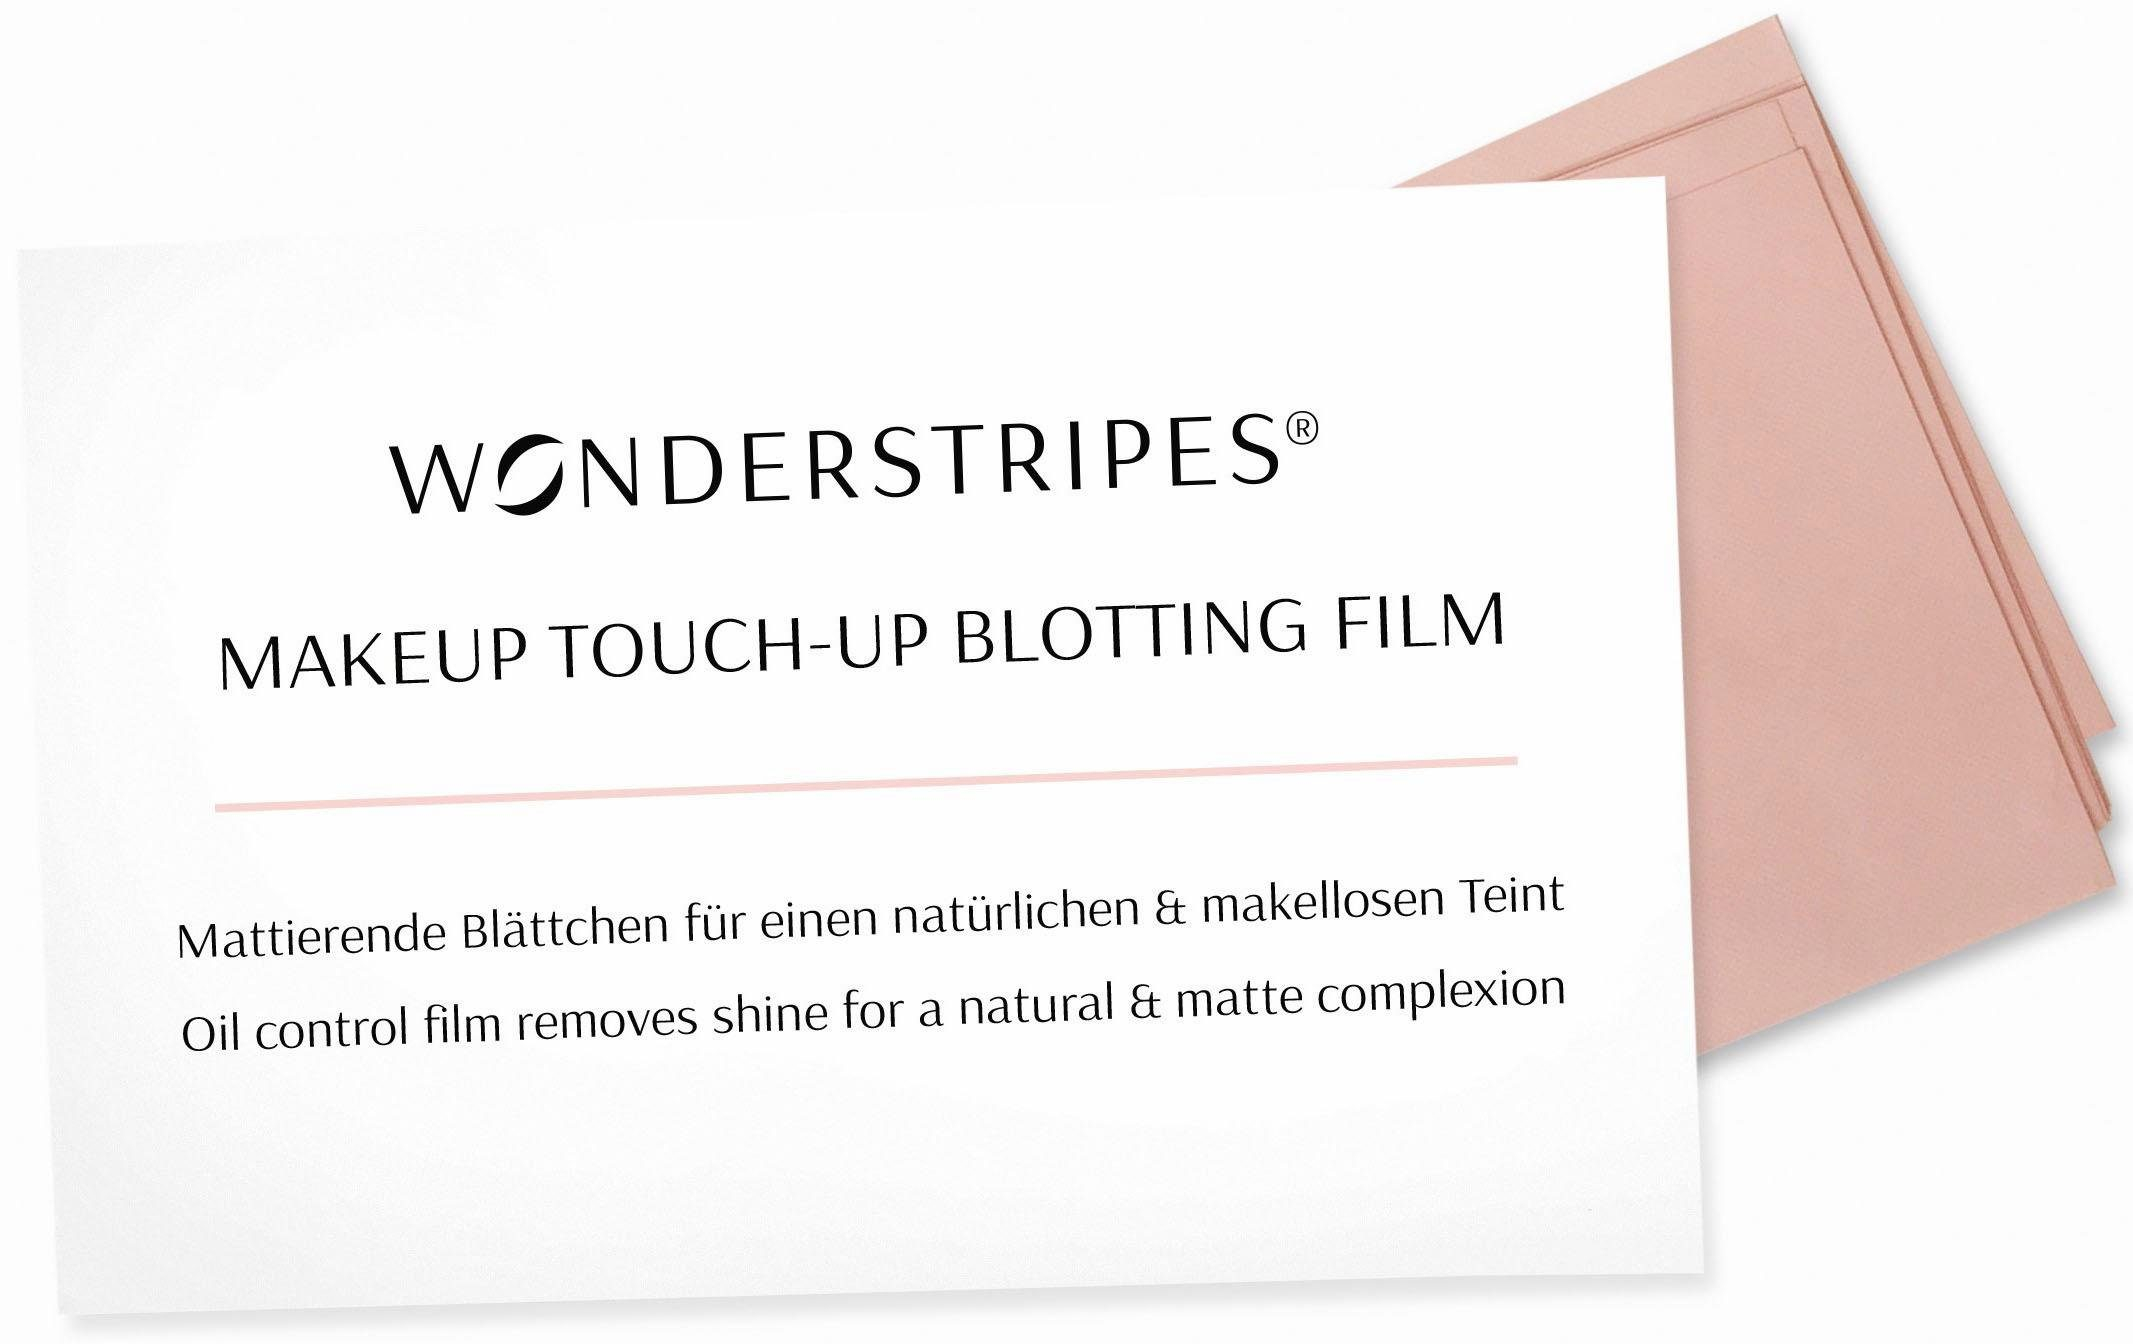 WONDERSTRIPES, »MakeUp Touch-Up Blotting Film«, Mattierende Blättchen für einen natürlichen & makellosen Teint